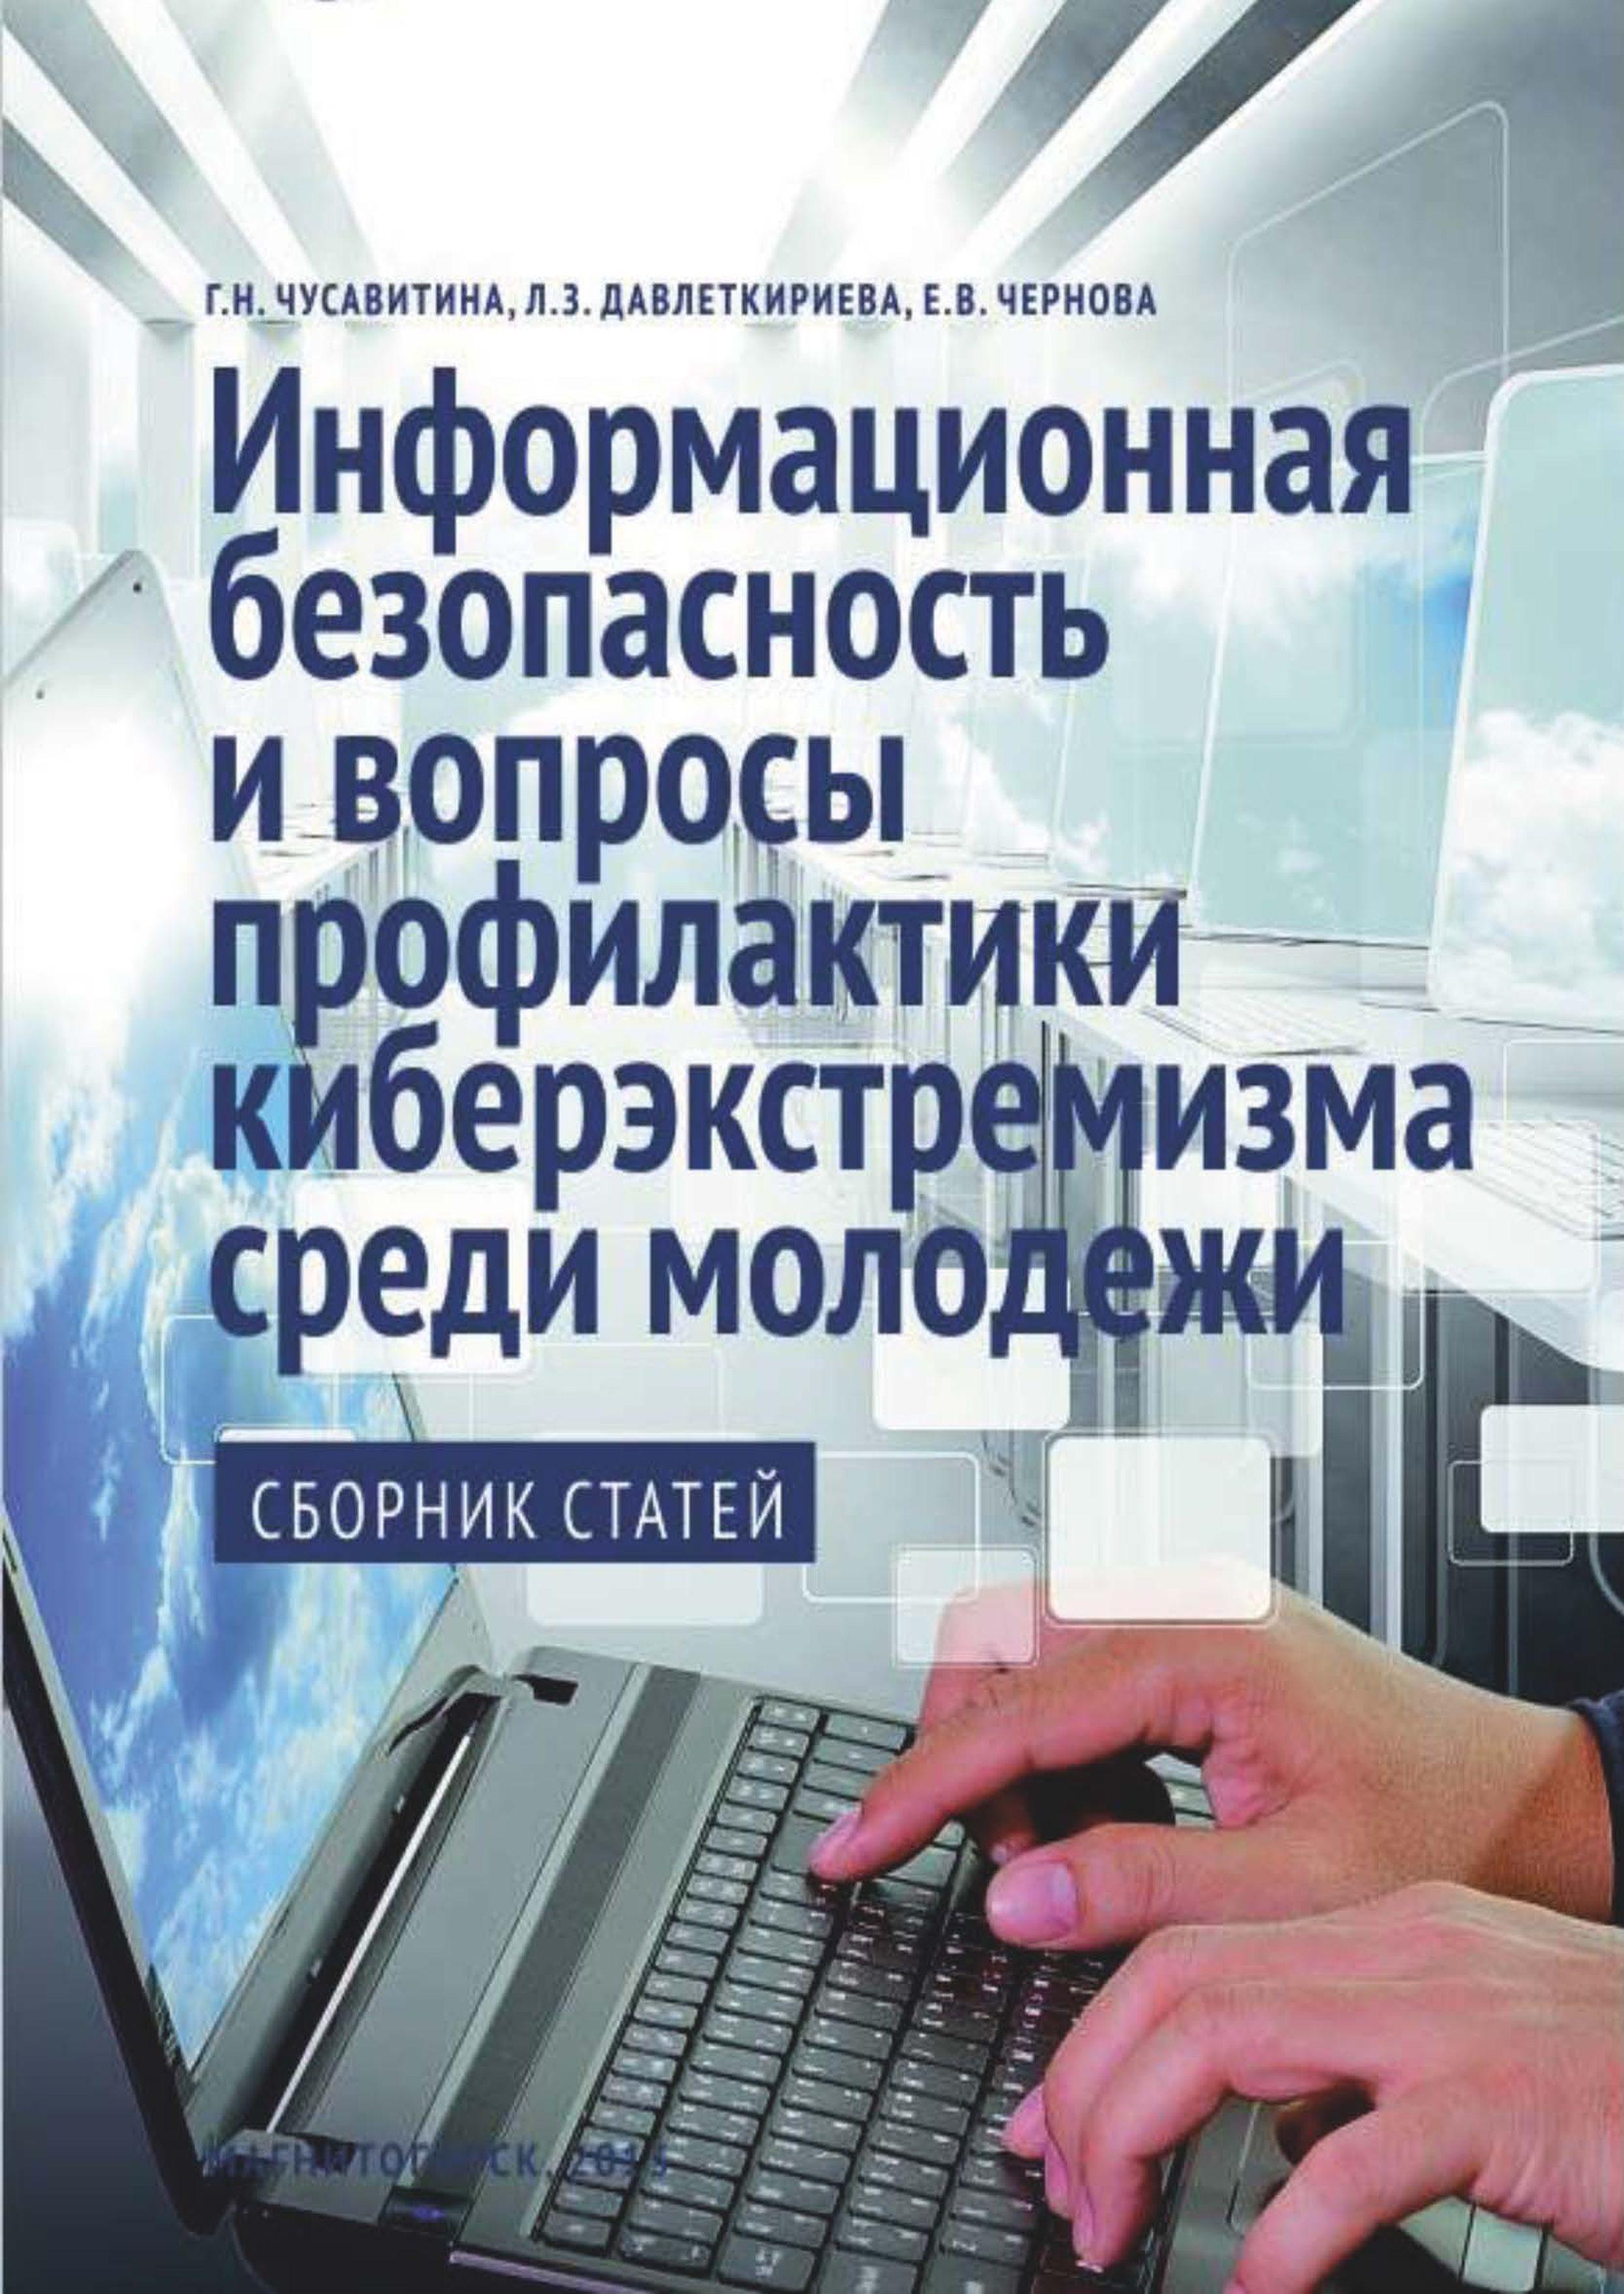 Сборник статей Информационная безопасность и вопросы профилактики киберэкстремизма среди молодежи